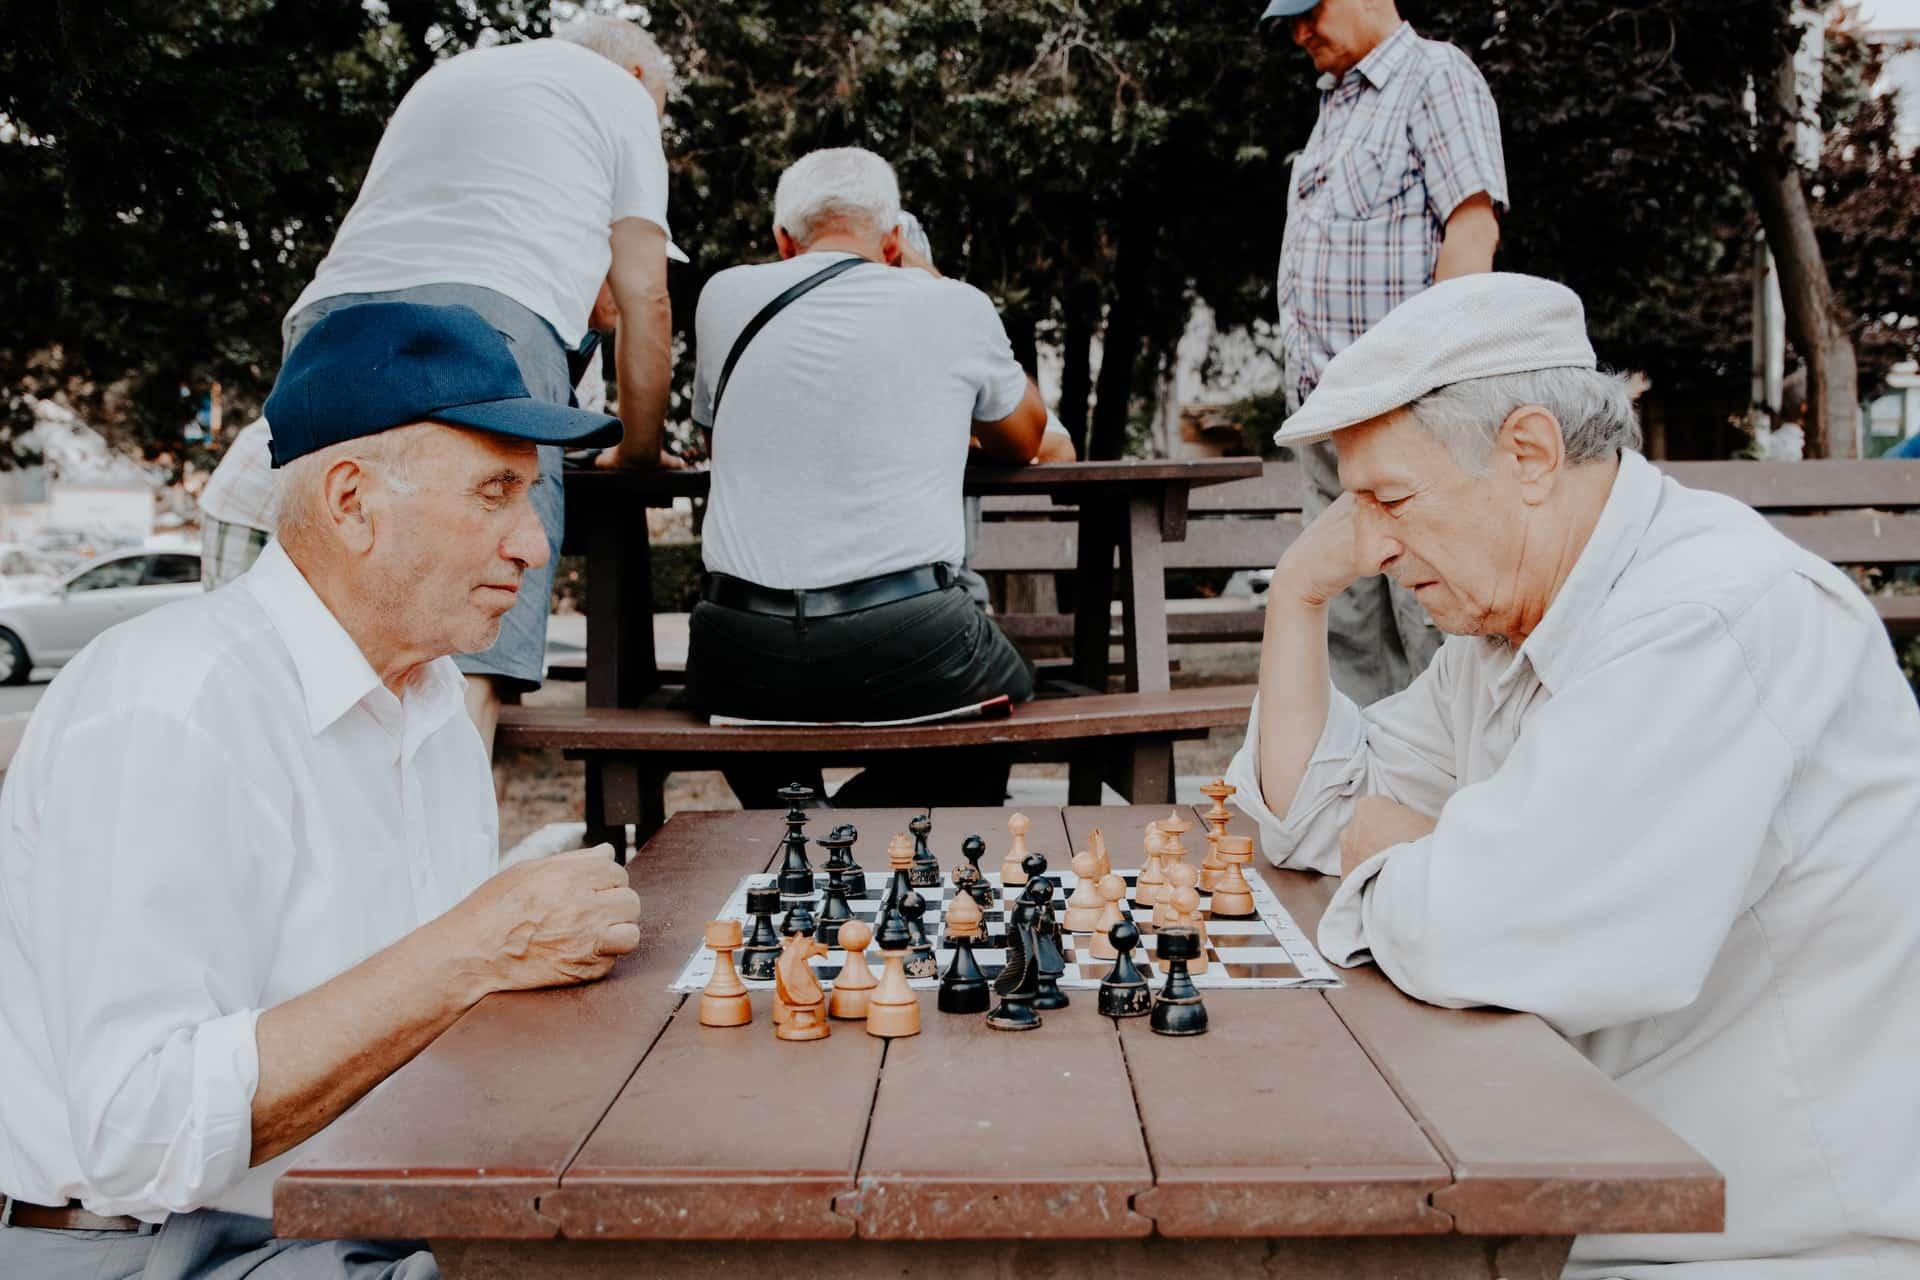 6 Ways Show Elders Love Header Image